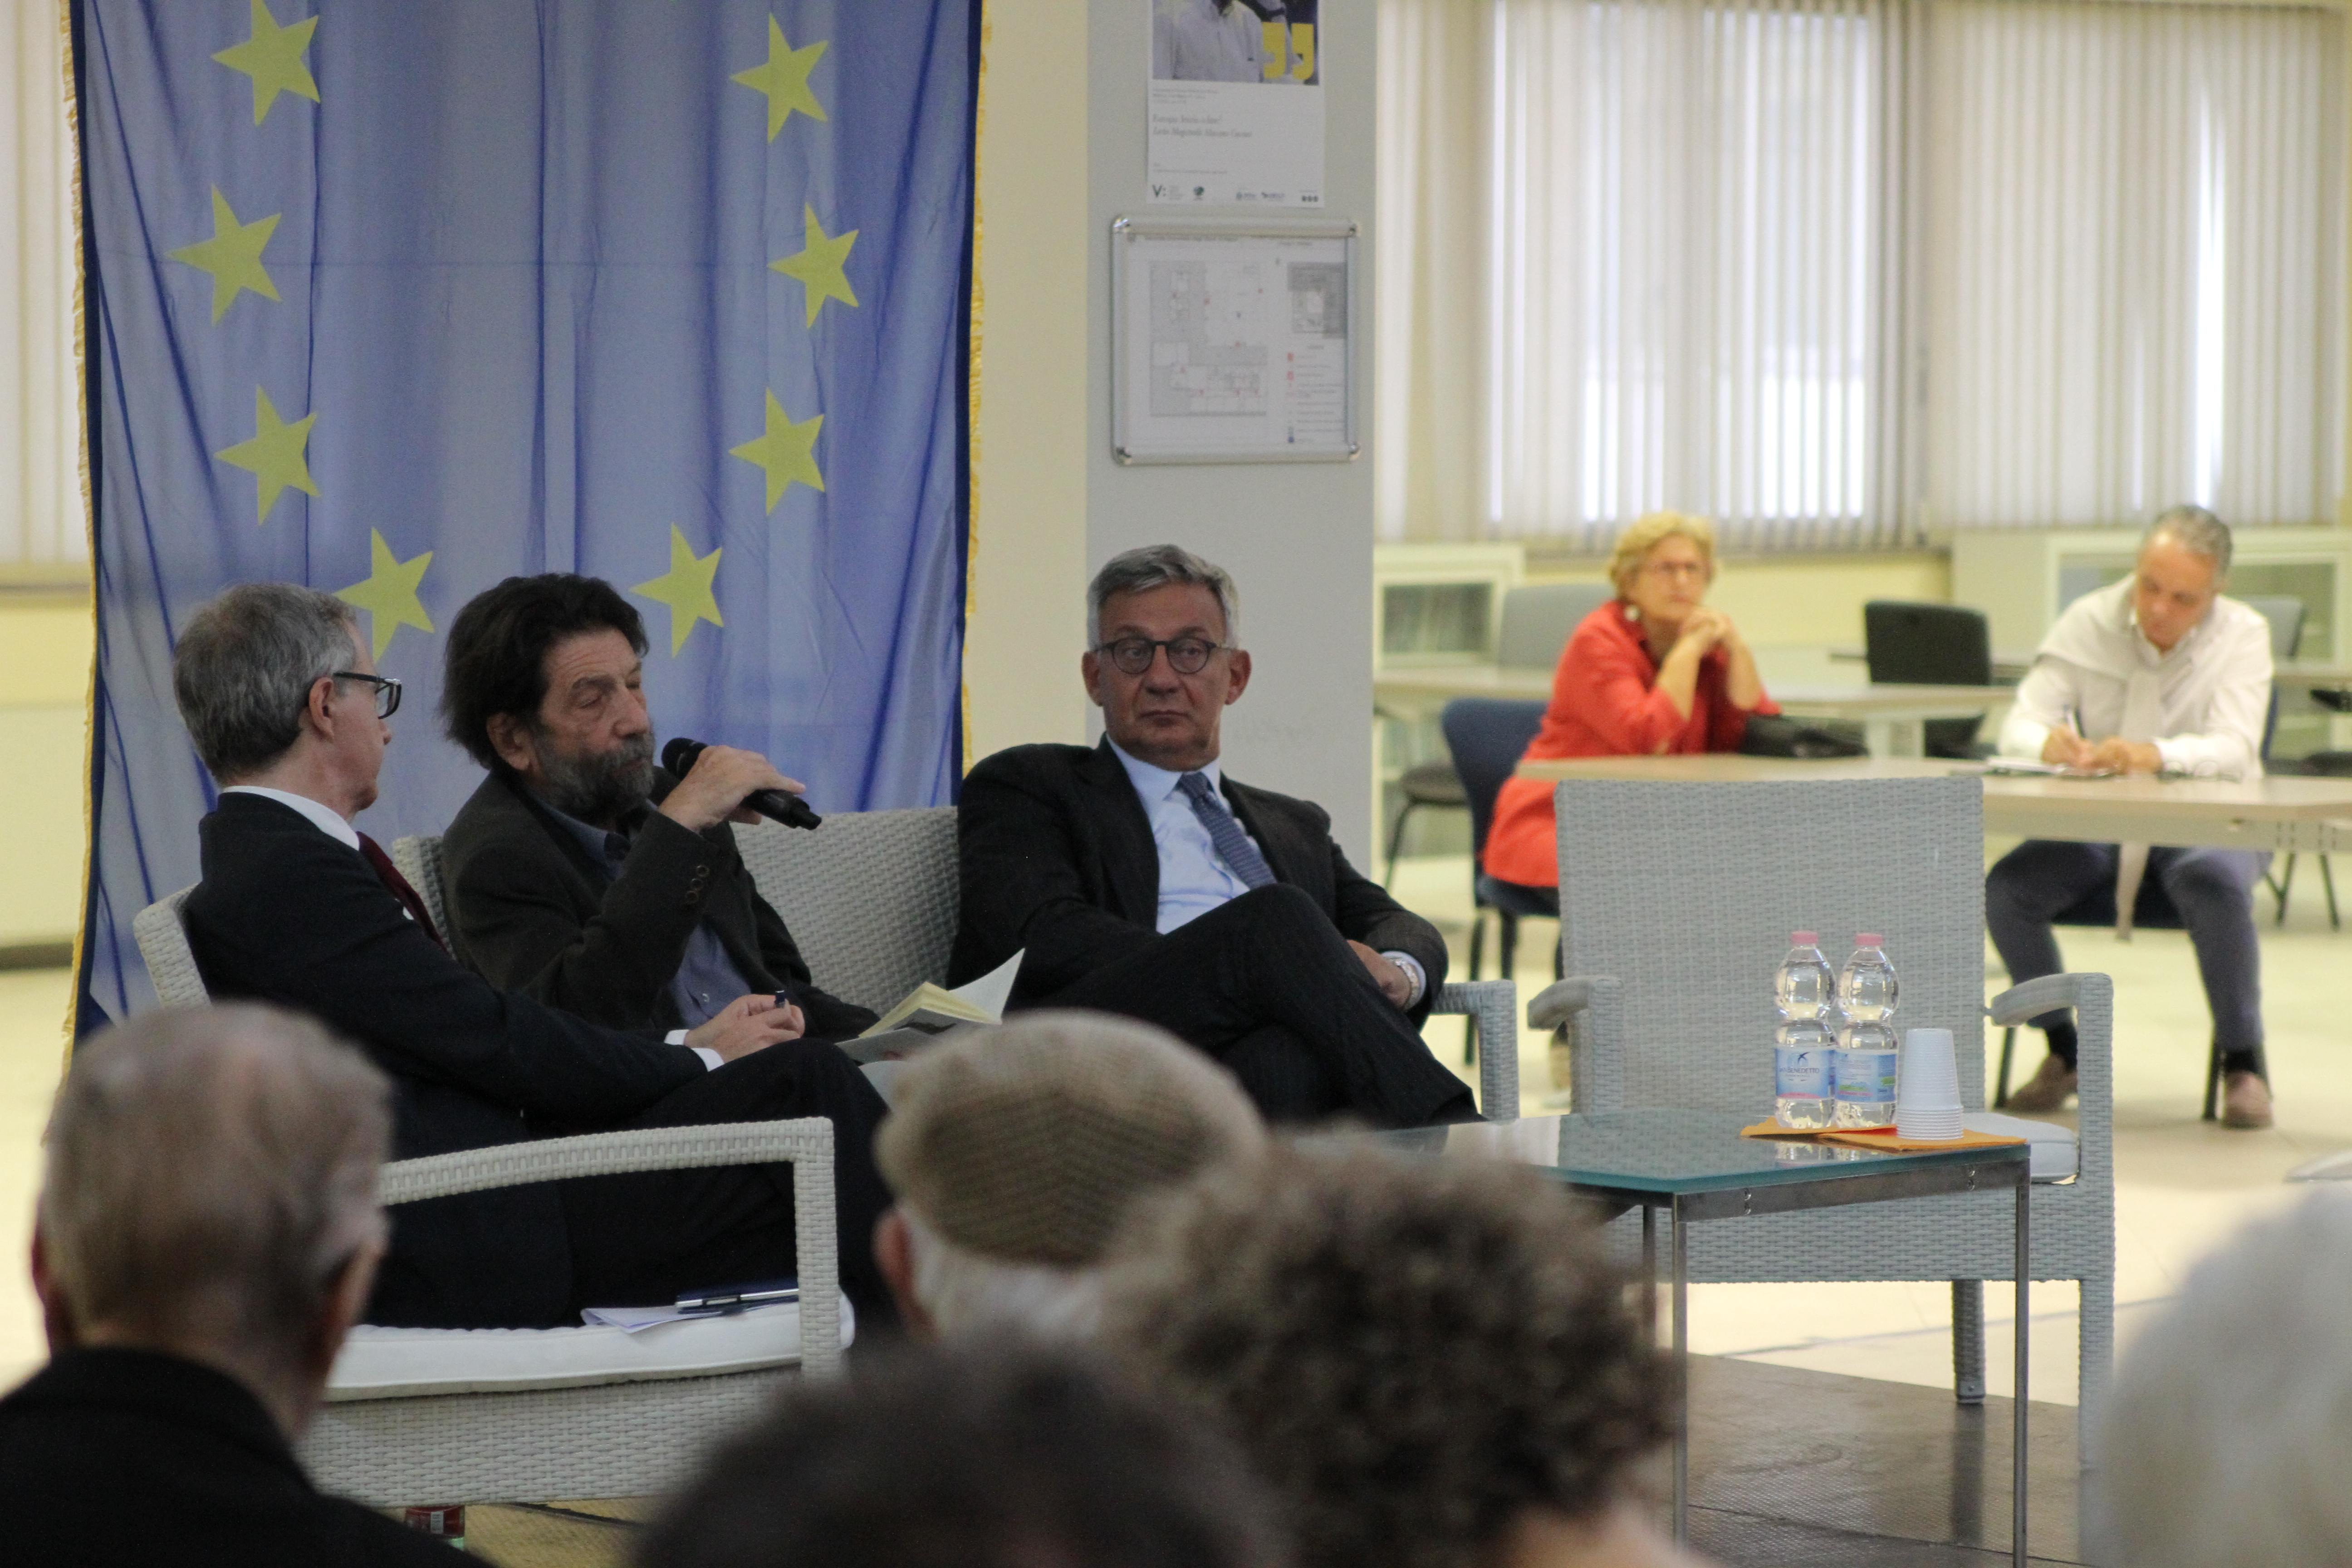 GFCG2744 EUROPA: INIZIO O FINE? LA LECTIO MAGISTRALIS CON MASSIMO CACCIARI, LA FOTOGALLERY